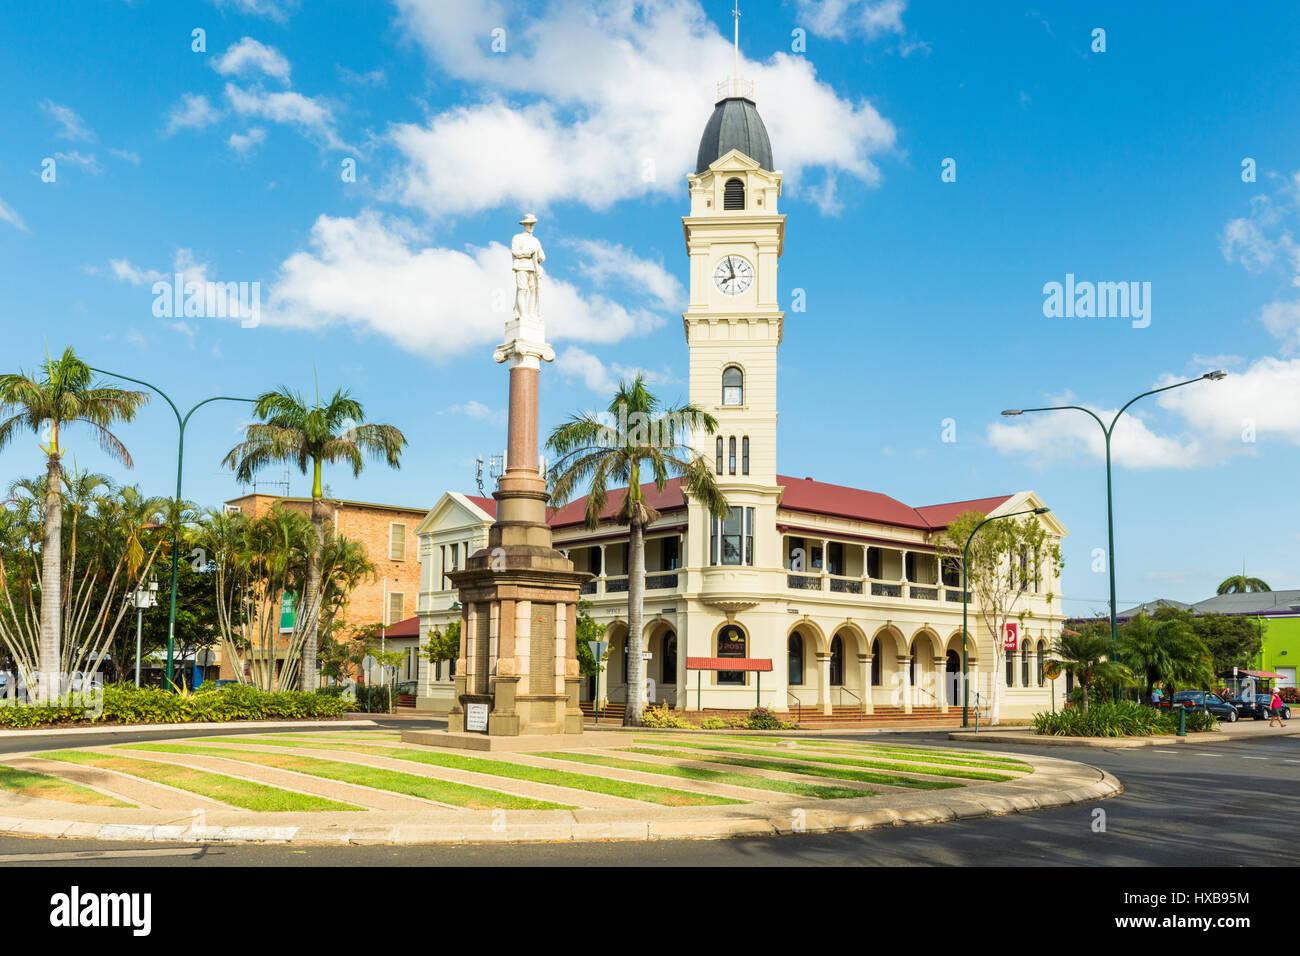 Das Postamt Bundaberg und Uhrturm, zusammen mit dem Kriegerdenkmal Cenotaph im Zentrum Stadt.  Bundaberg, Queensland, Stockbild